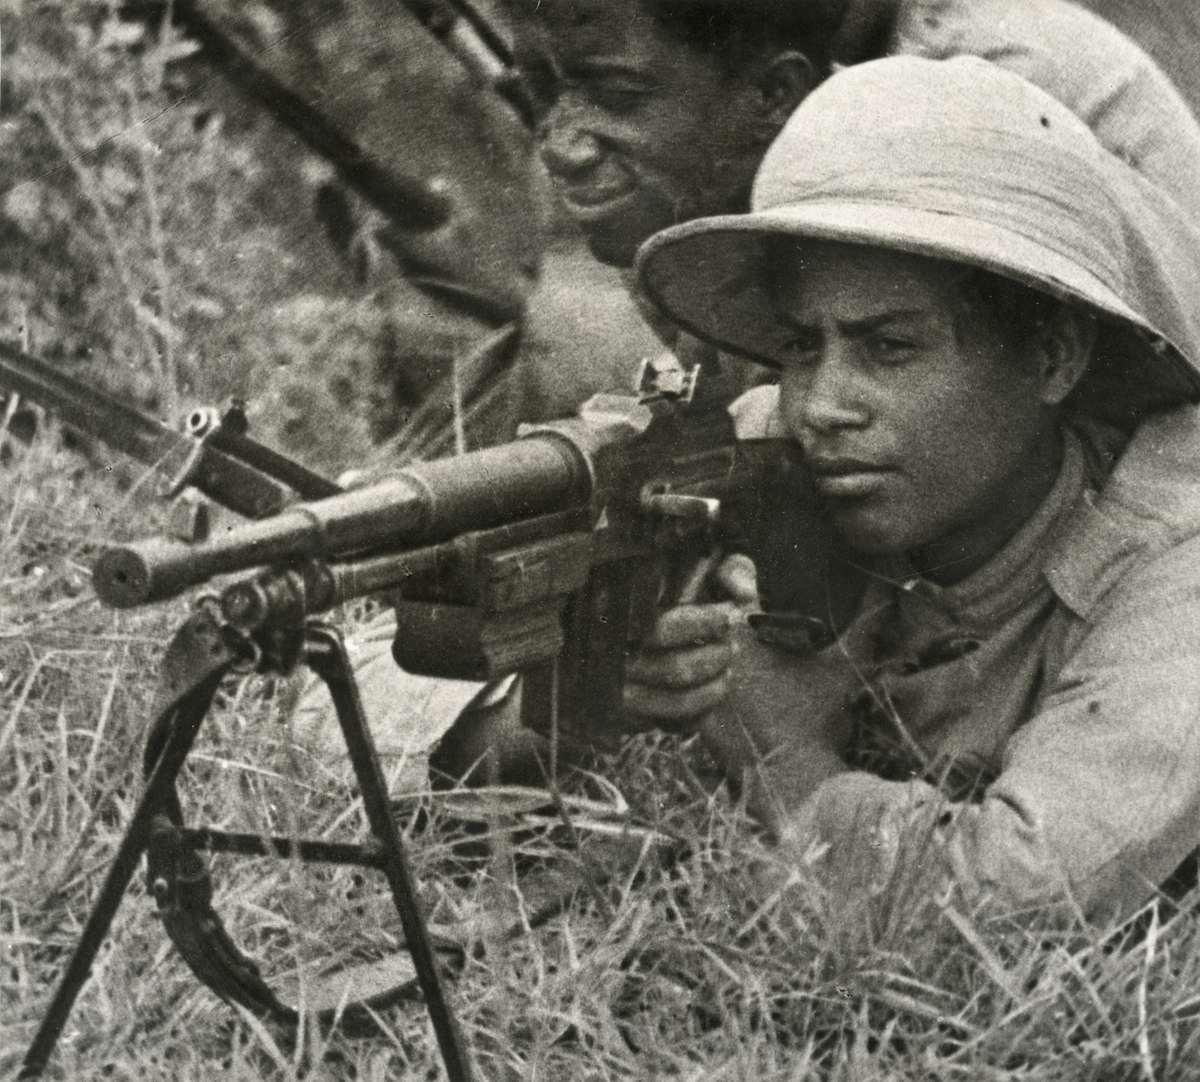 Вторая итало-эфиопская война.